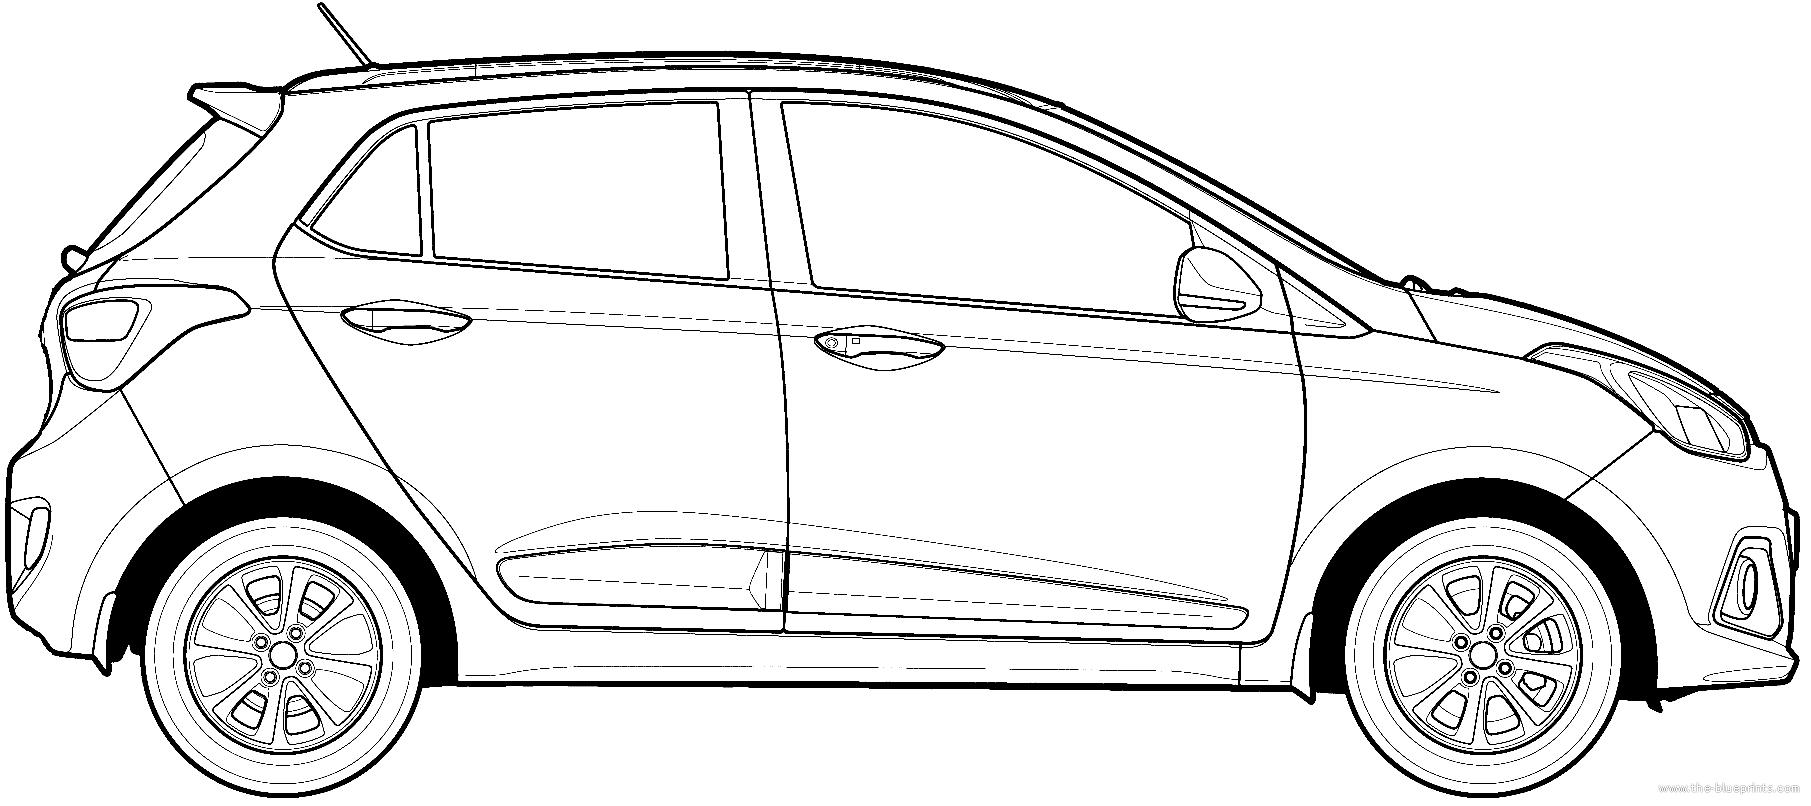 Blueprints > Cars > Hyundai > Hyundai Grand i10 (2014)